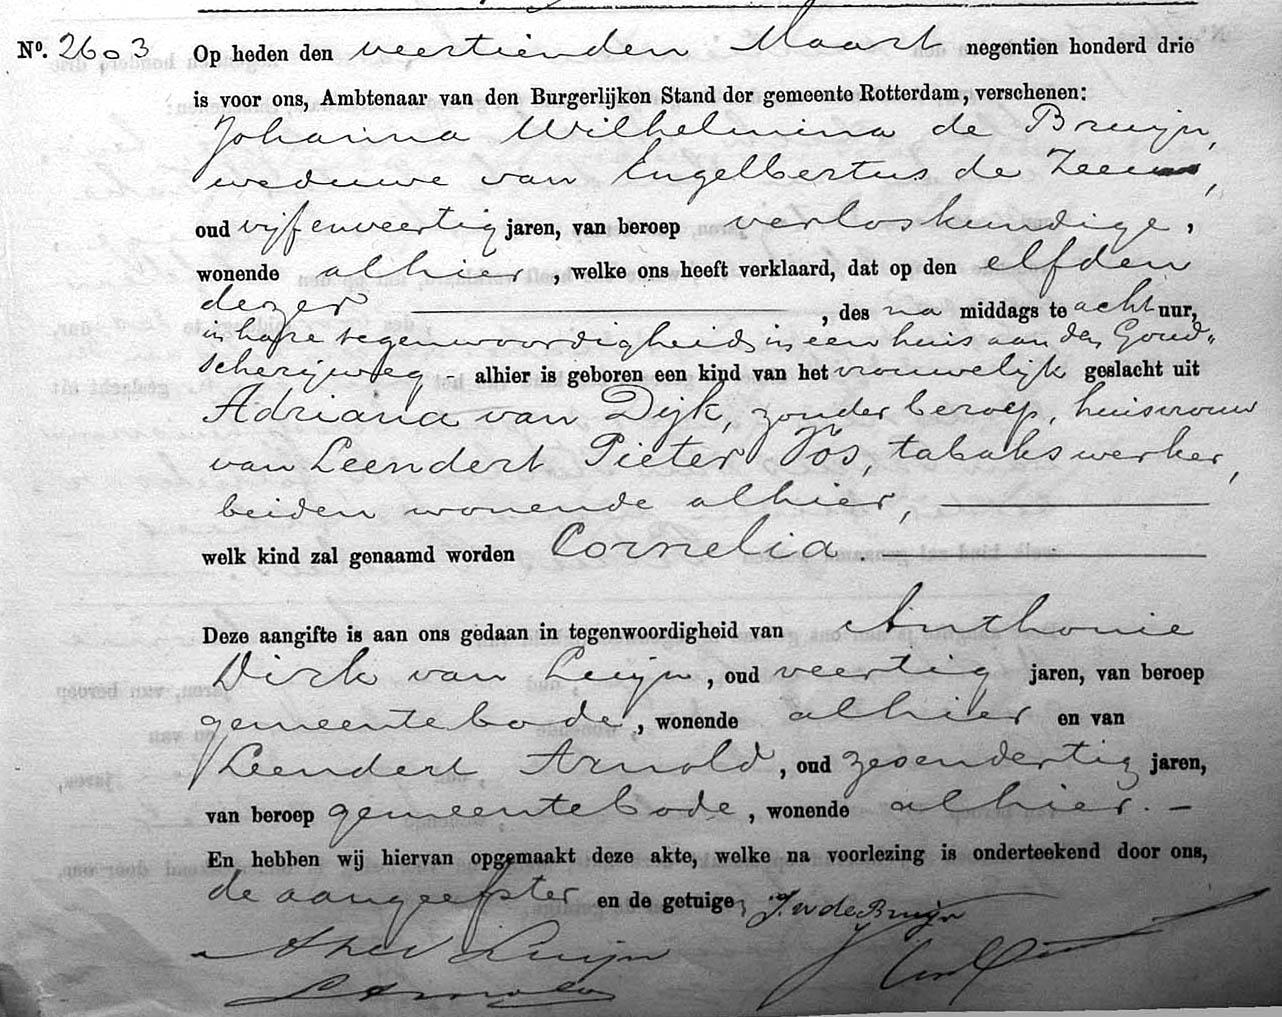 Vos-Cornelia-Geboorteakte-11-03-1903-Rotterdam